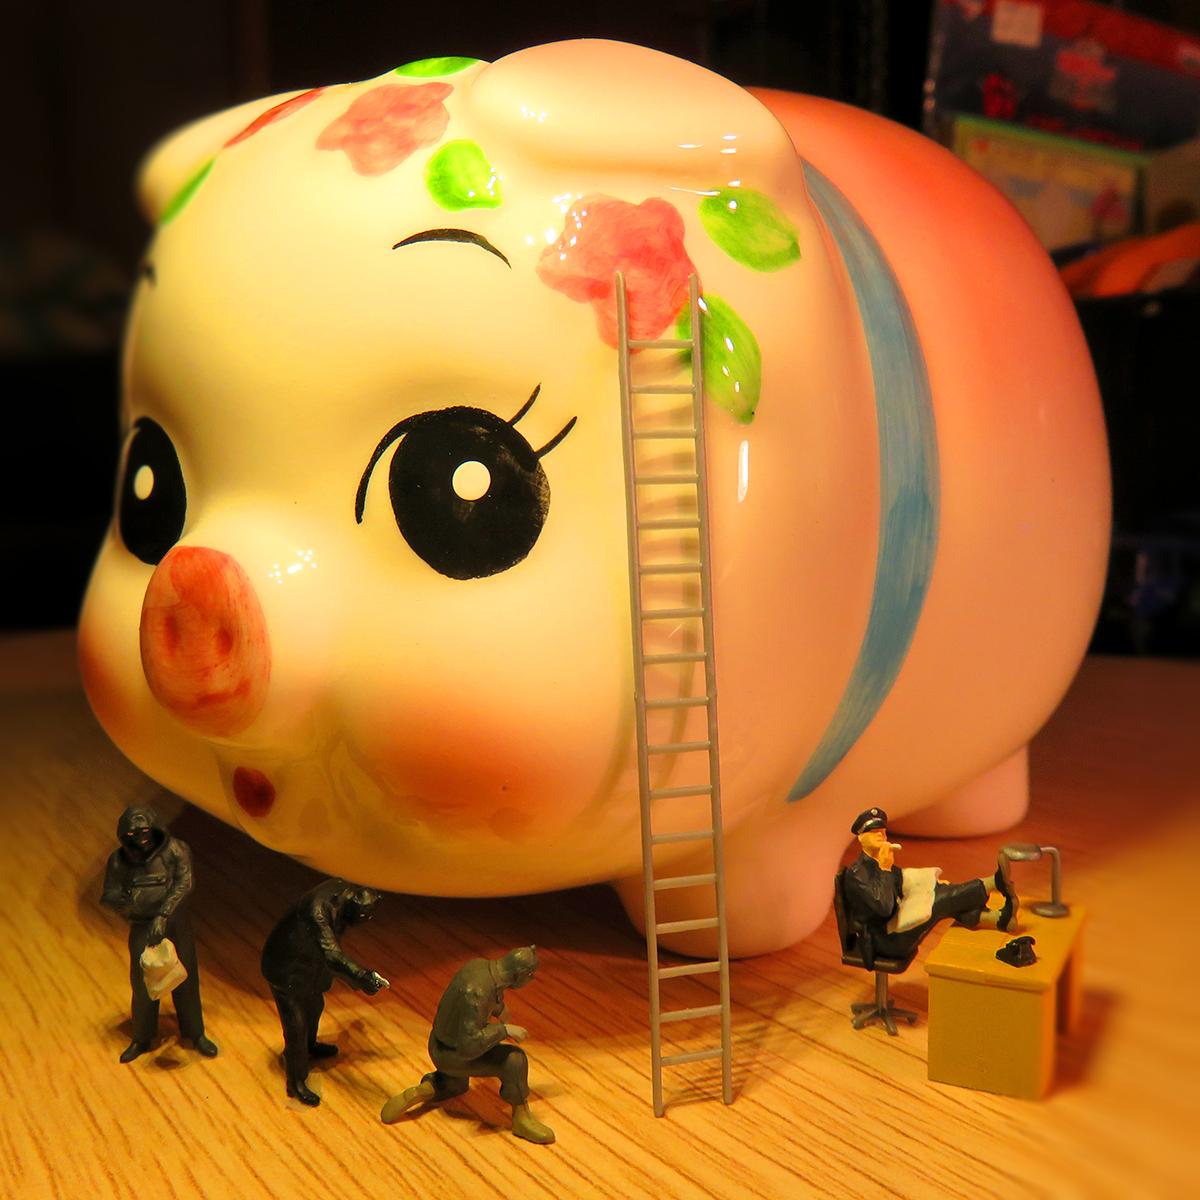 10月17日は貯蓄の日!ブタの貯金箱の警備員の目を盗んでお金を狙う泥棒たち